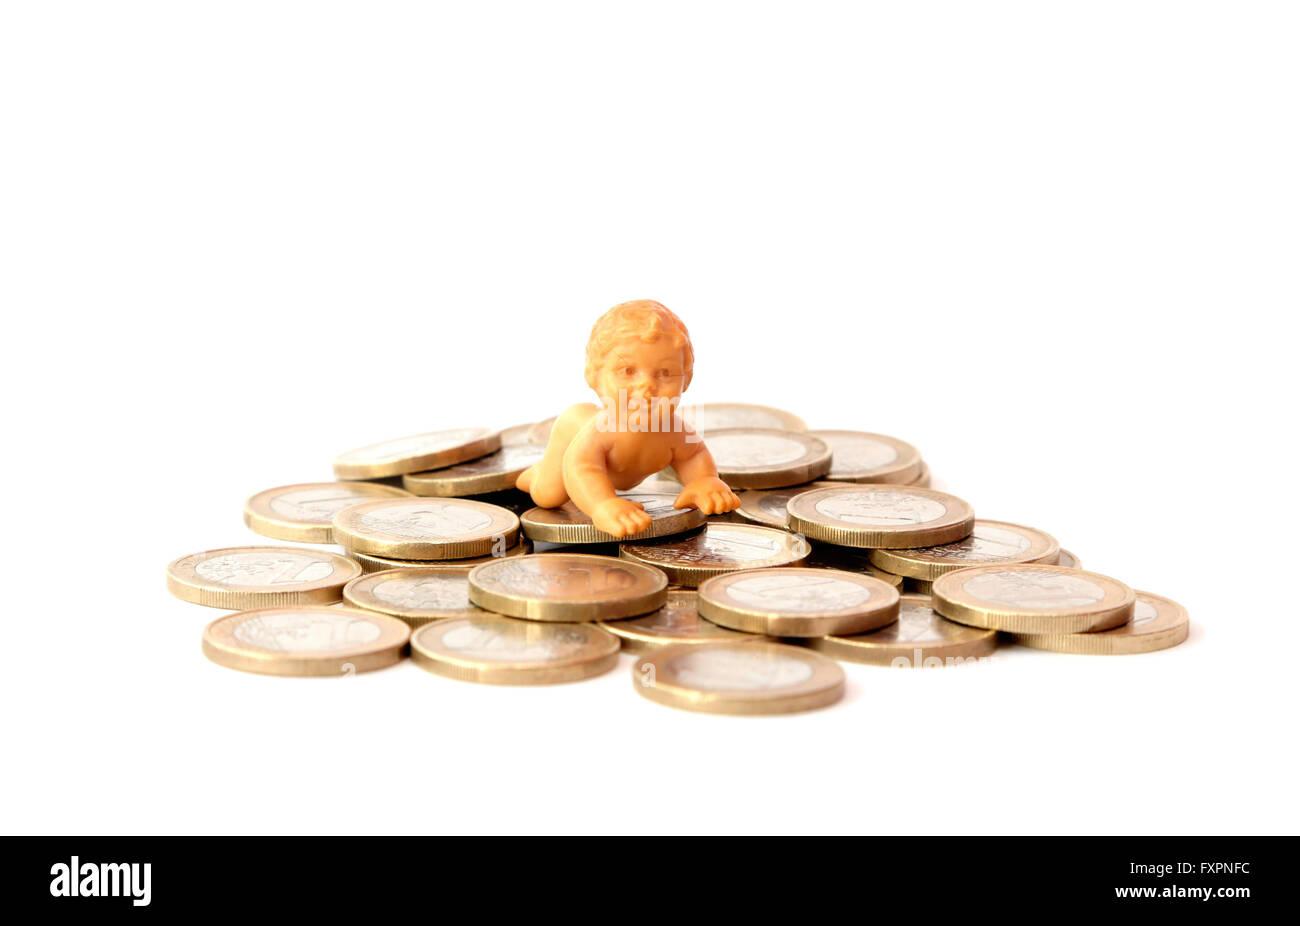 Un bambino sulla parte superiore delle monete metalliche in euro Immagini Stock